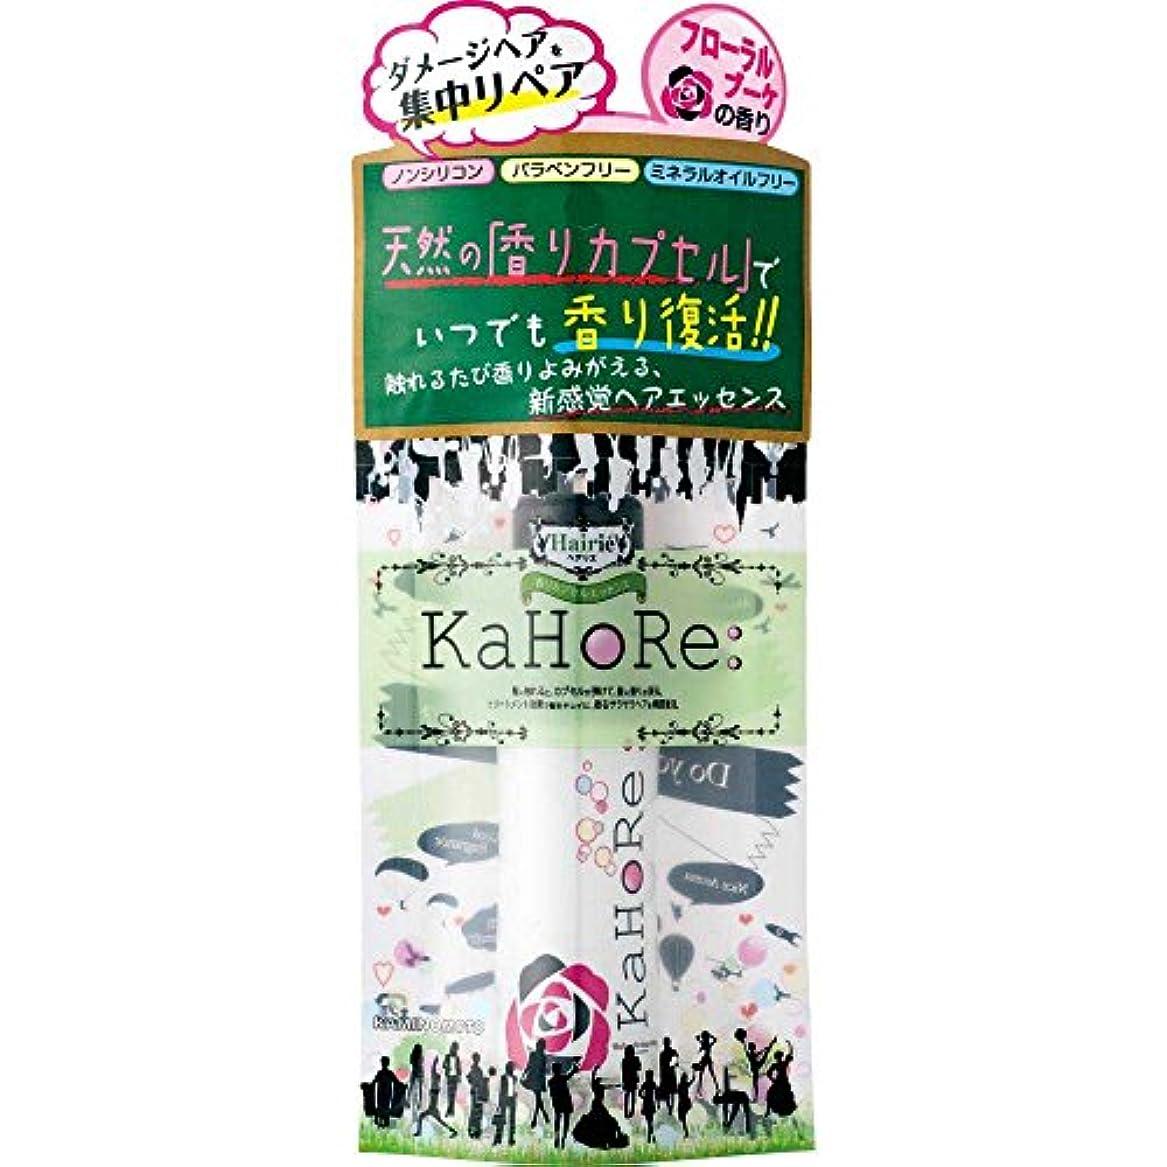 鳴らす辛な折ヘアリエ KaHoRe ヘアエッセンス フローラルブーケの香り 30g